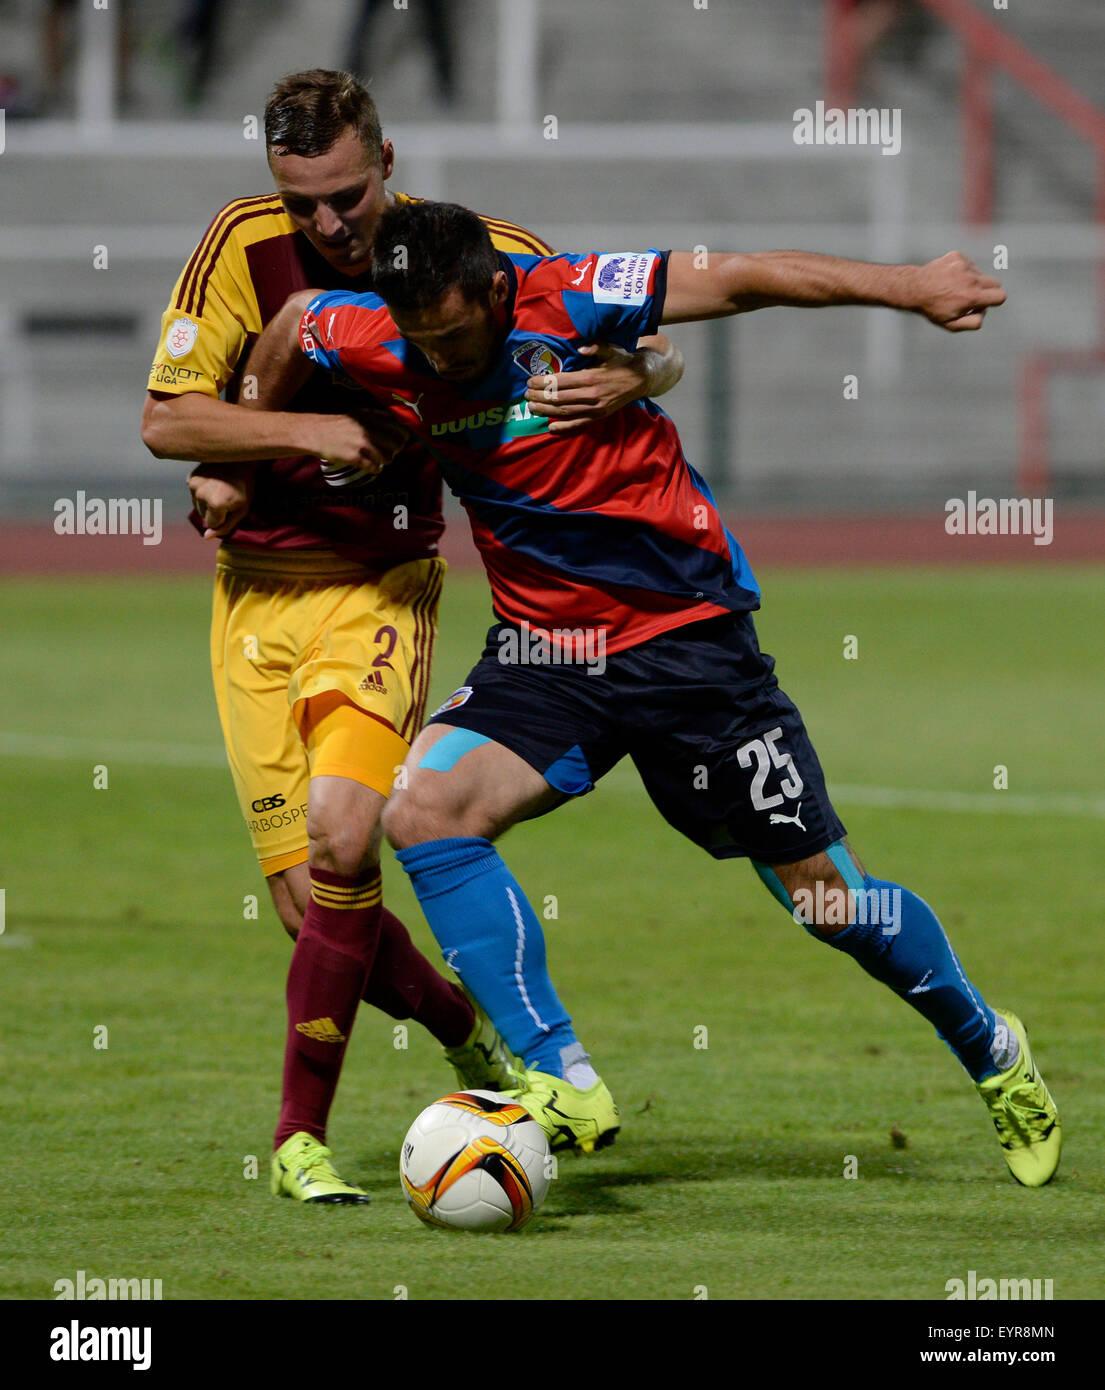 Czech soccer league, 2nd round, FK Dukla Prague vs FC Viktoria Pilsen on August 1, 2015, Prague, Czech Republic. Stock Photo